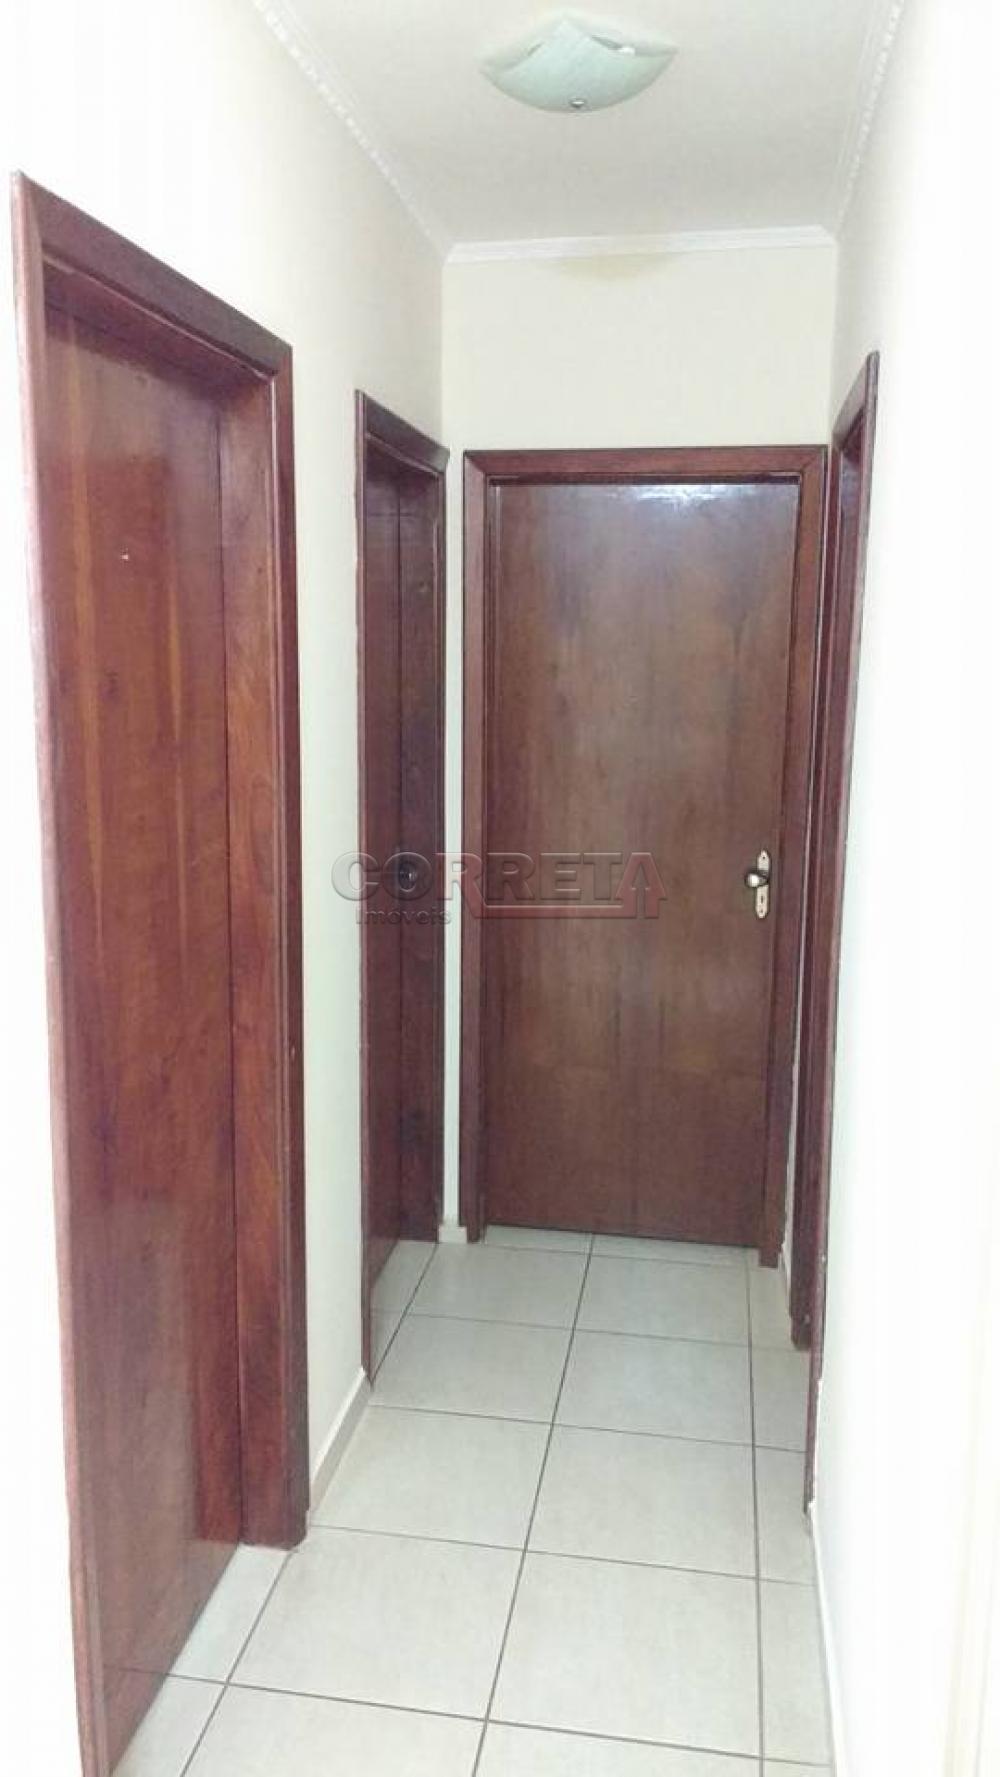 Comprar Casa / Residencial em Araçatuba R$ 270.000,00 - Foto 9